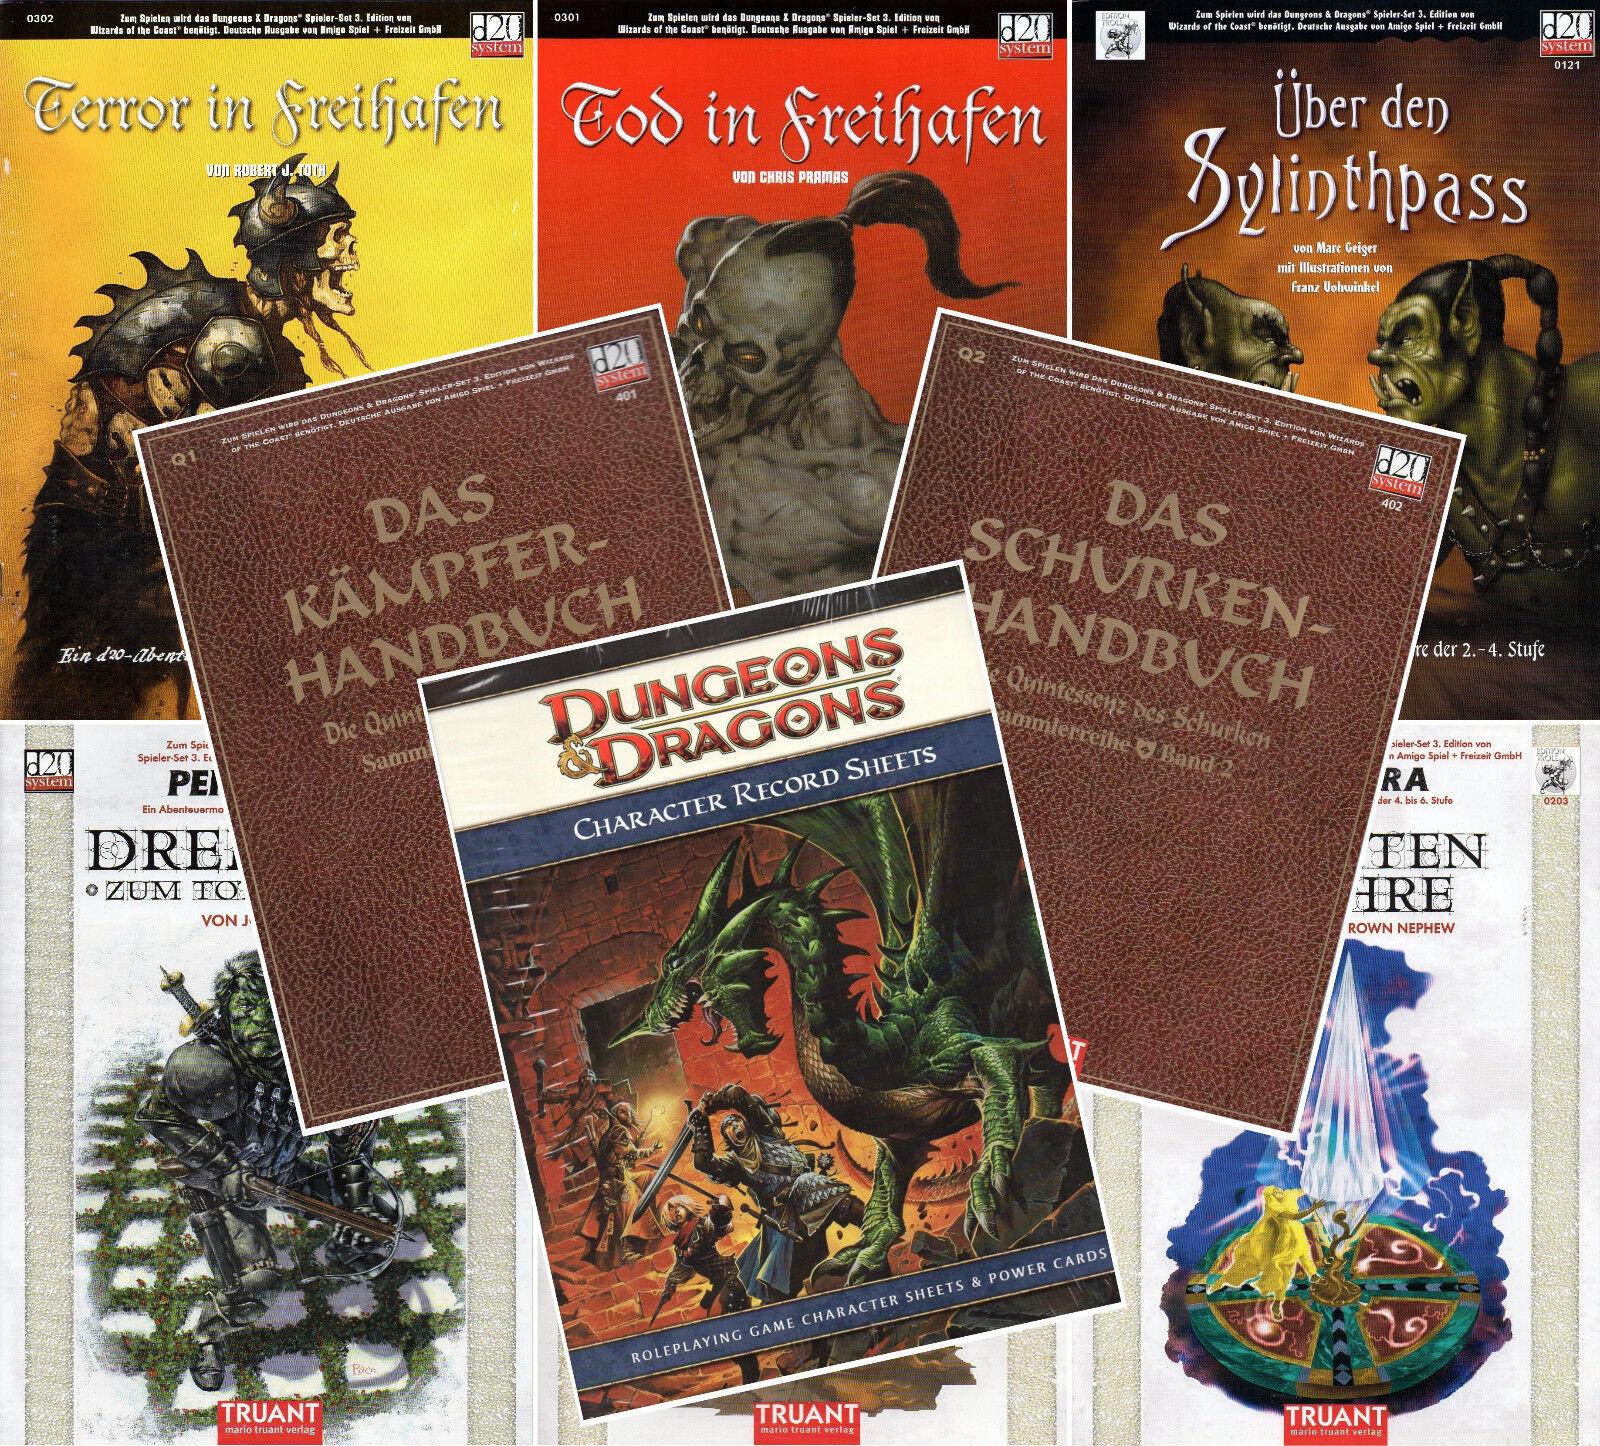 Bundle-9 x D&D-d20-Kämpfer & Schurken Handbuch-Tod-Terror-Freihafen-Tage-Sheets